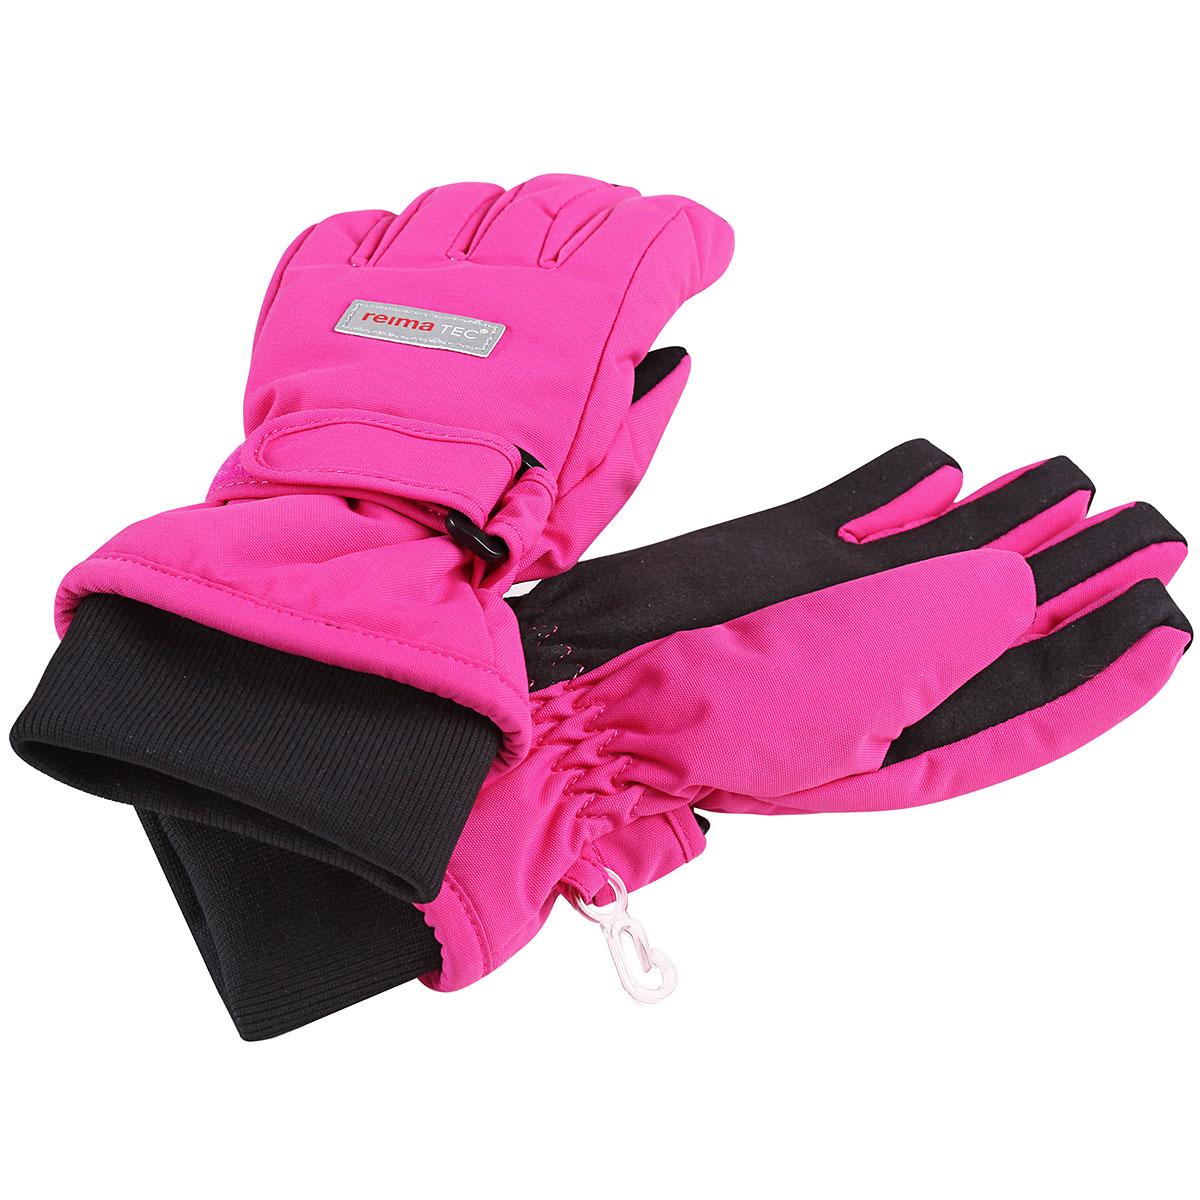 Перчатки детские. 527170527170_9990Детские перчатки Reimatec, изготовленные из мембранной ткани с водо- и ветрозащитным покрытием, станут идеальным вариантом для холодной зимней погоды. На подкладке используется мягкий флис, который хорошо удерживает тепло. Для большего удобства на запястьях перчатки дополнены эластичными трикотажными манжетами и хлястиками на липучках, а на ладошках, кончиках пальцев и с внутренней стороны большого пальца - усиленными вставками Hipora. С внешней стороны перчатки оформлены светоотражающими нашивками в виде фирменного логотипа бренда. Средняя степень утепления.